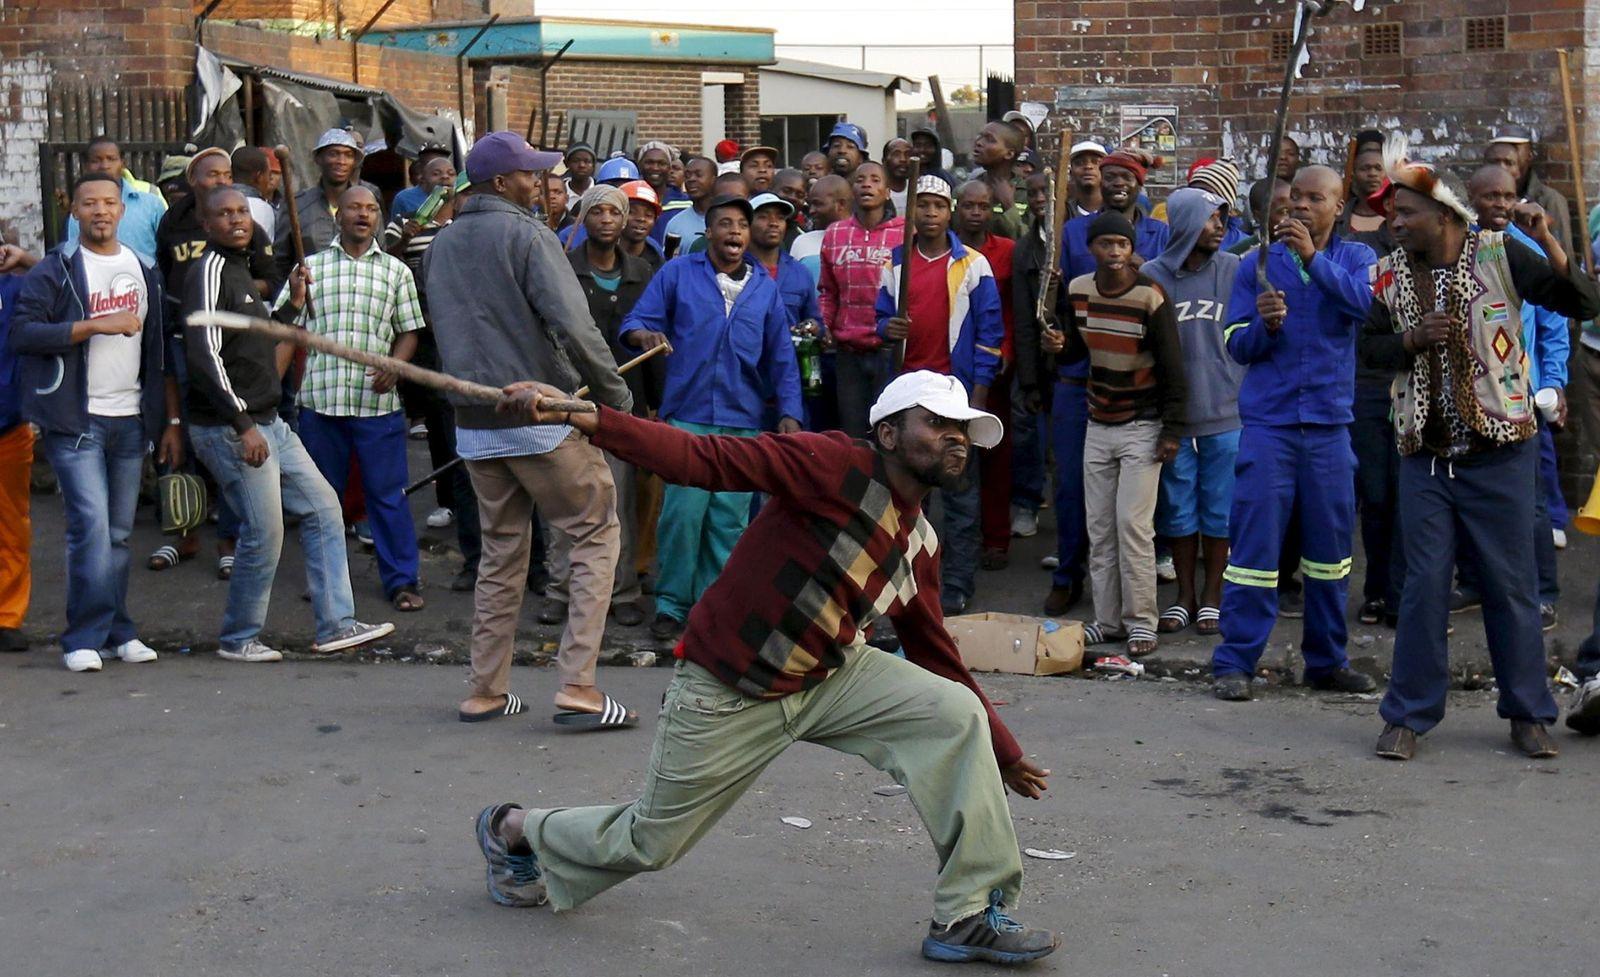 Foto: Un sudafricano amenaza con un palo durante la violencia contra los inmigrantes en Johannesburgo, el 17 de abril de 2015. (Reuters)